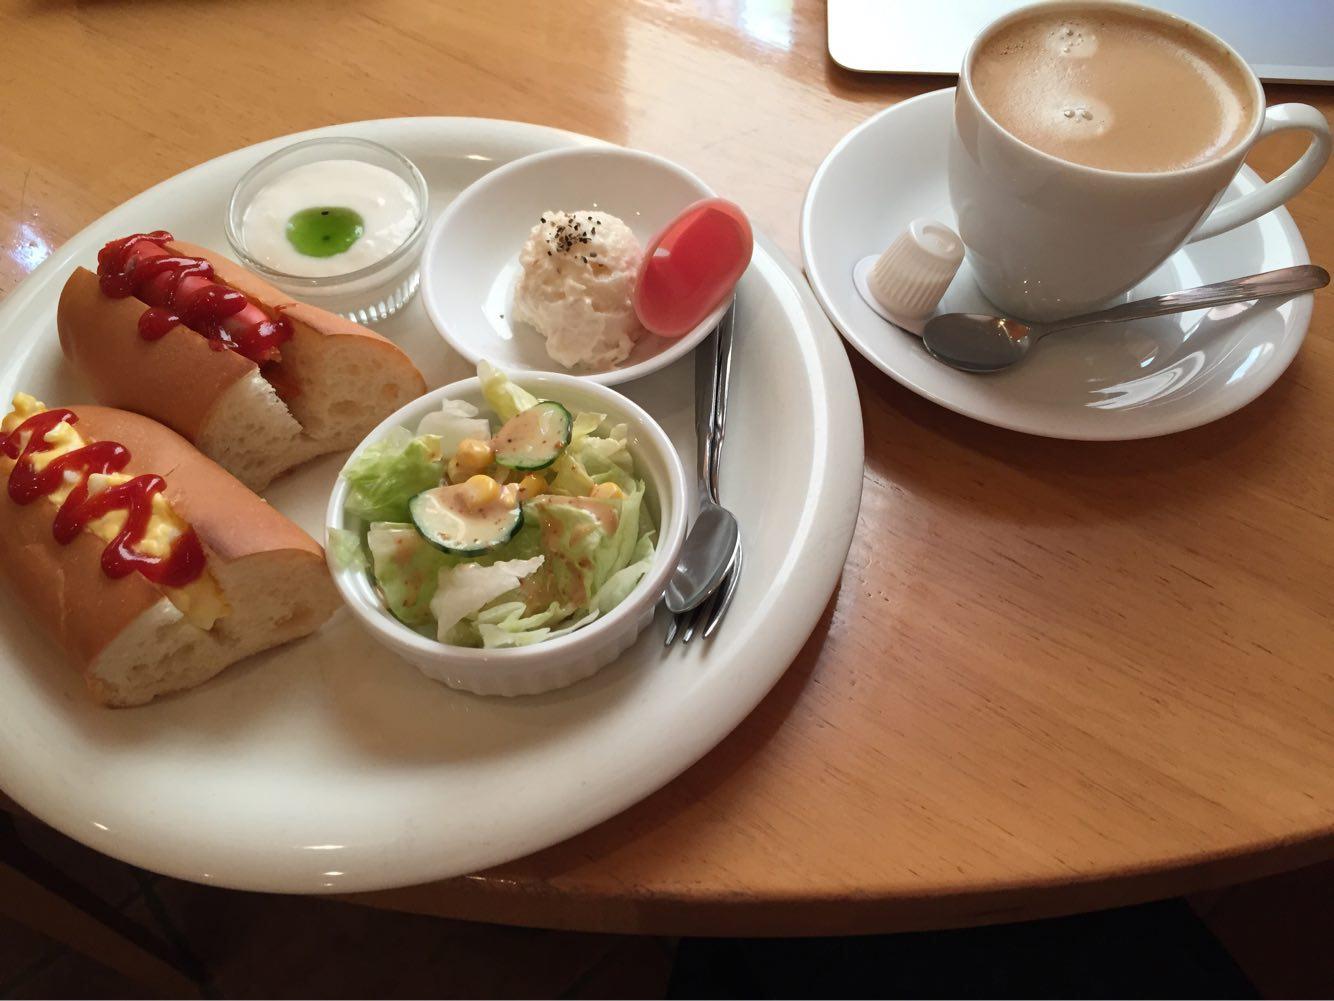 カフェ 轍 -岐阜羽島駅前で朝7時からモーニングが堪能できる居心地がいいカフェ♪【岐阜 モーニング巡り2軒目】